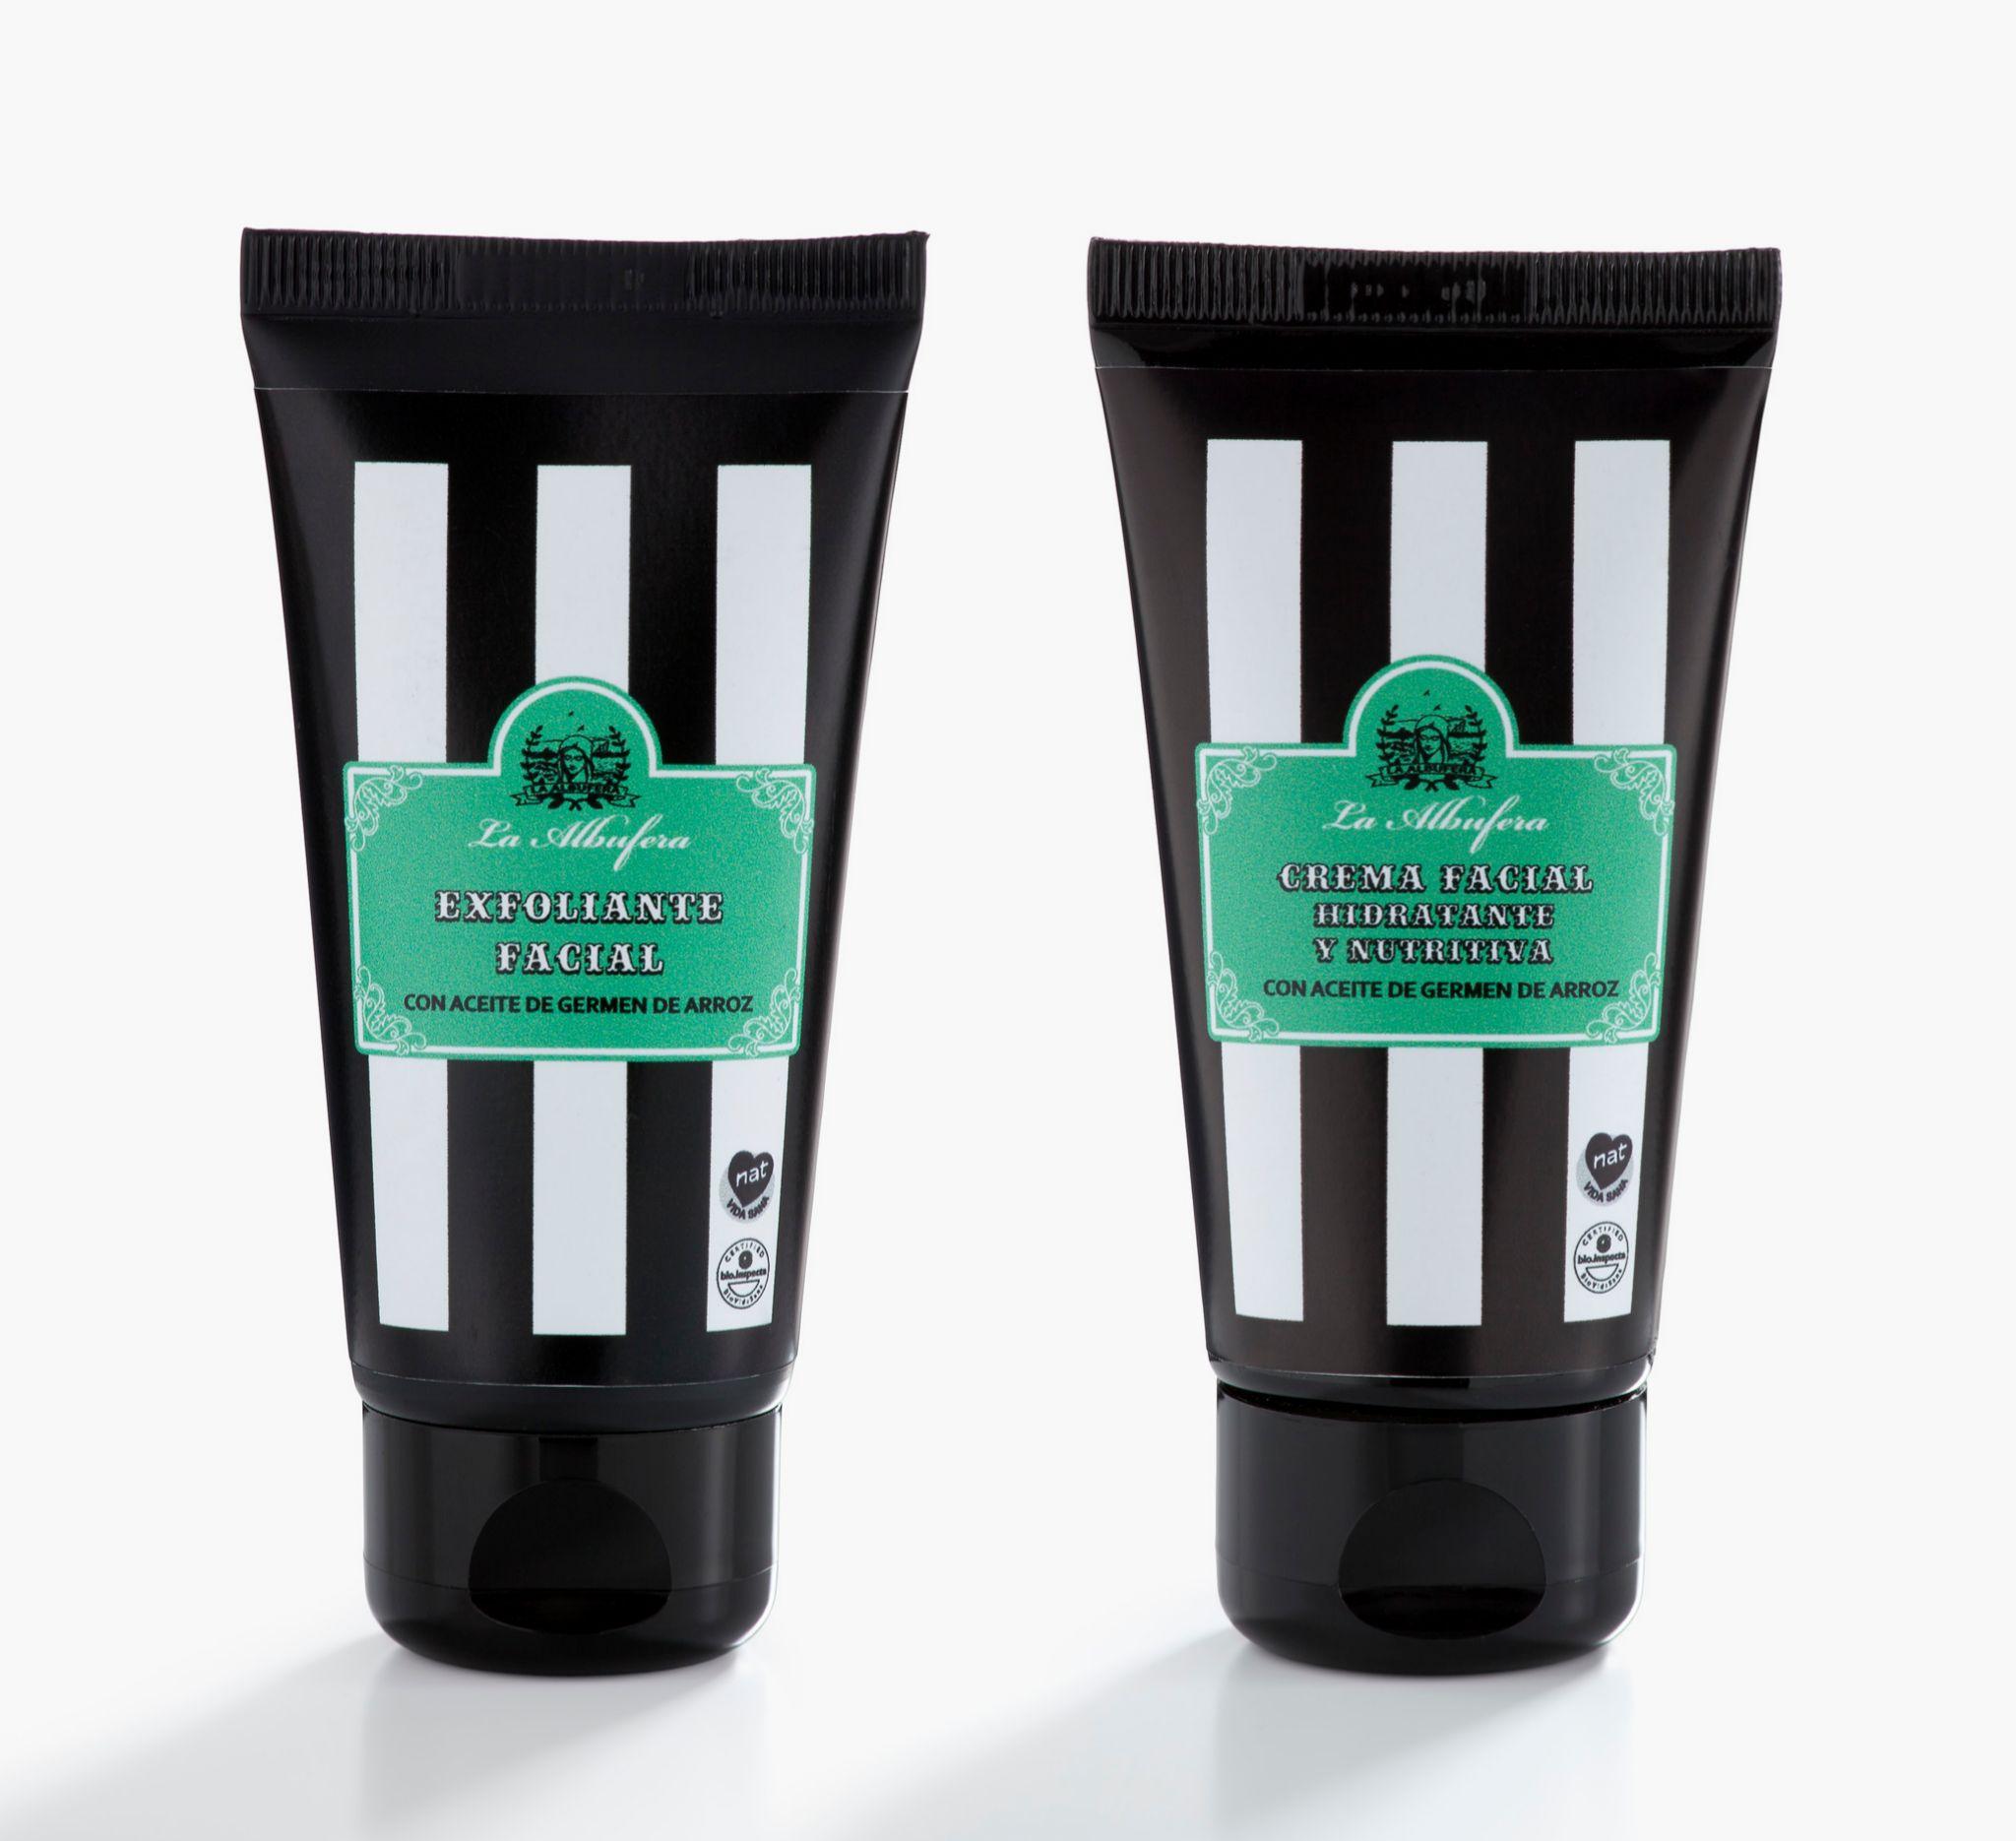 Crema exfoliante con partículas de bambú y crema hidratante y nutritiva, La Albufera (pack, 31,40 euros).